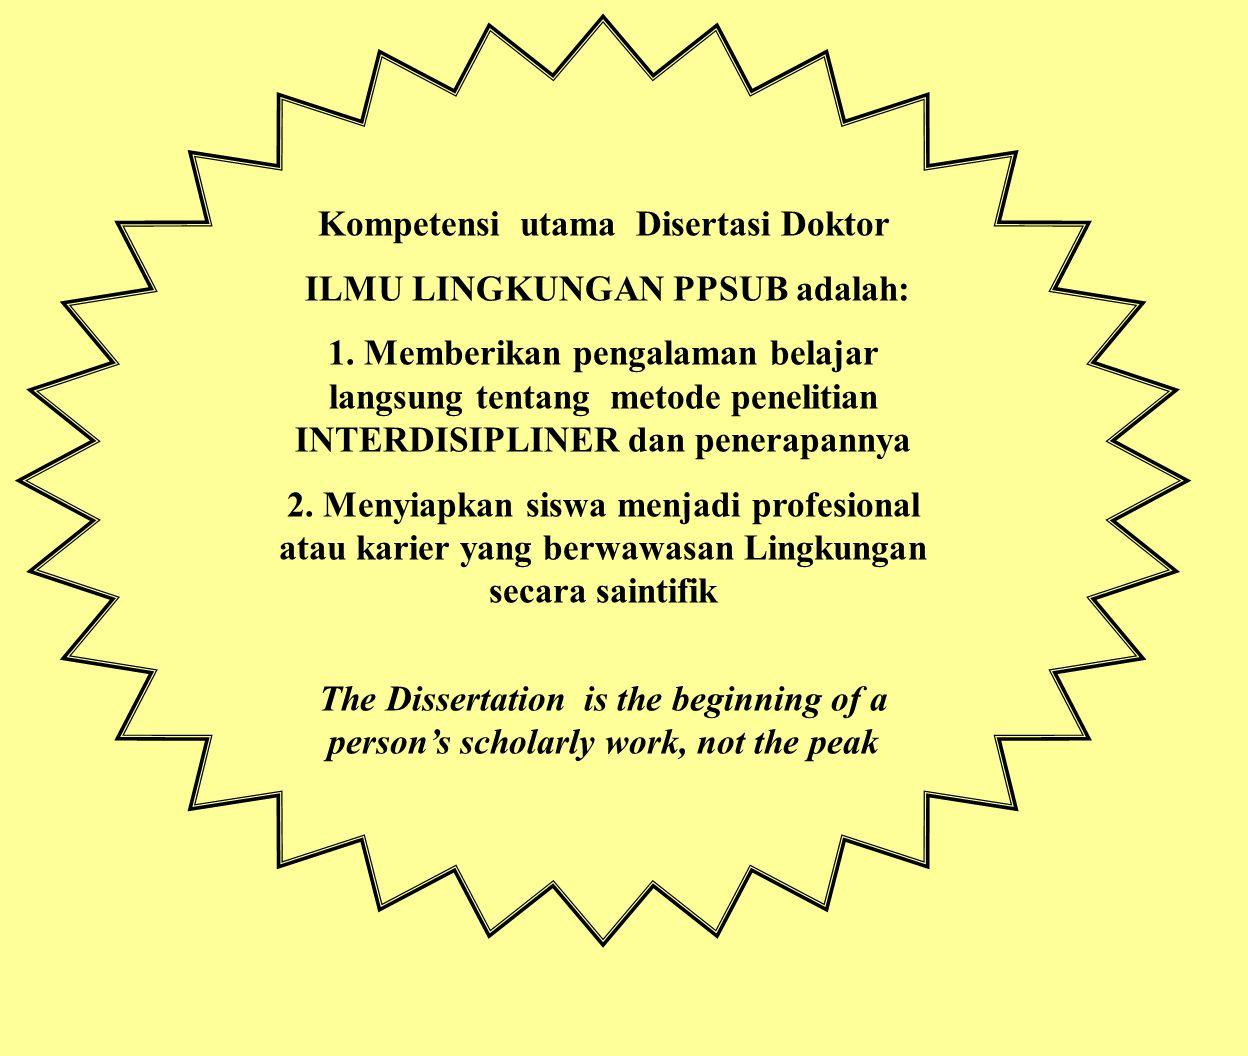 Persyaratan Masalah Penelitian DISERTASI mahasiswa PDIL PPSUB, yaitu: 1.